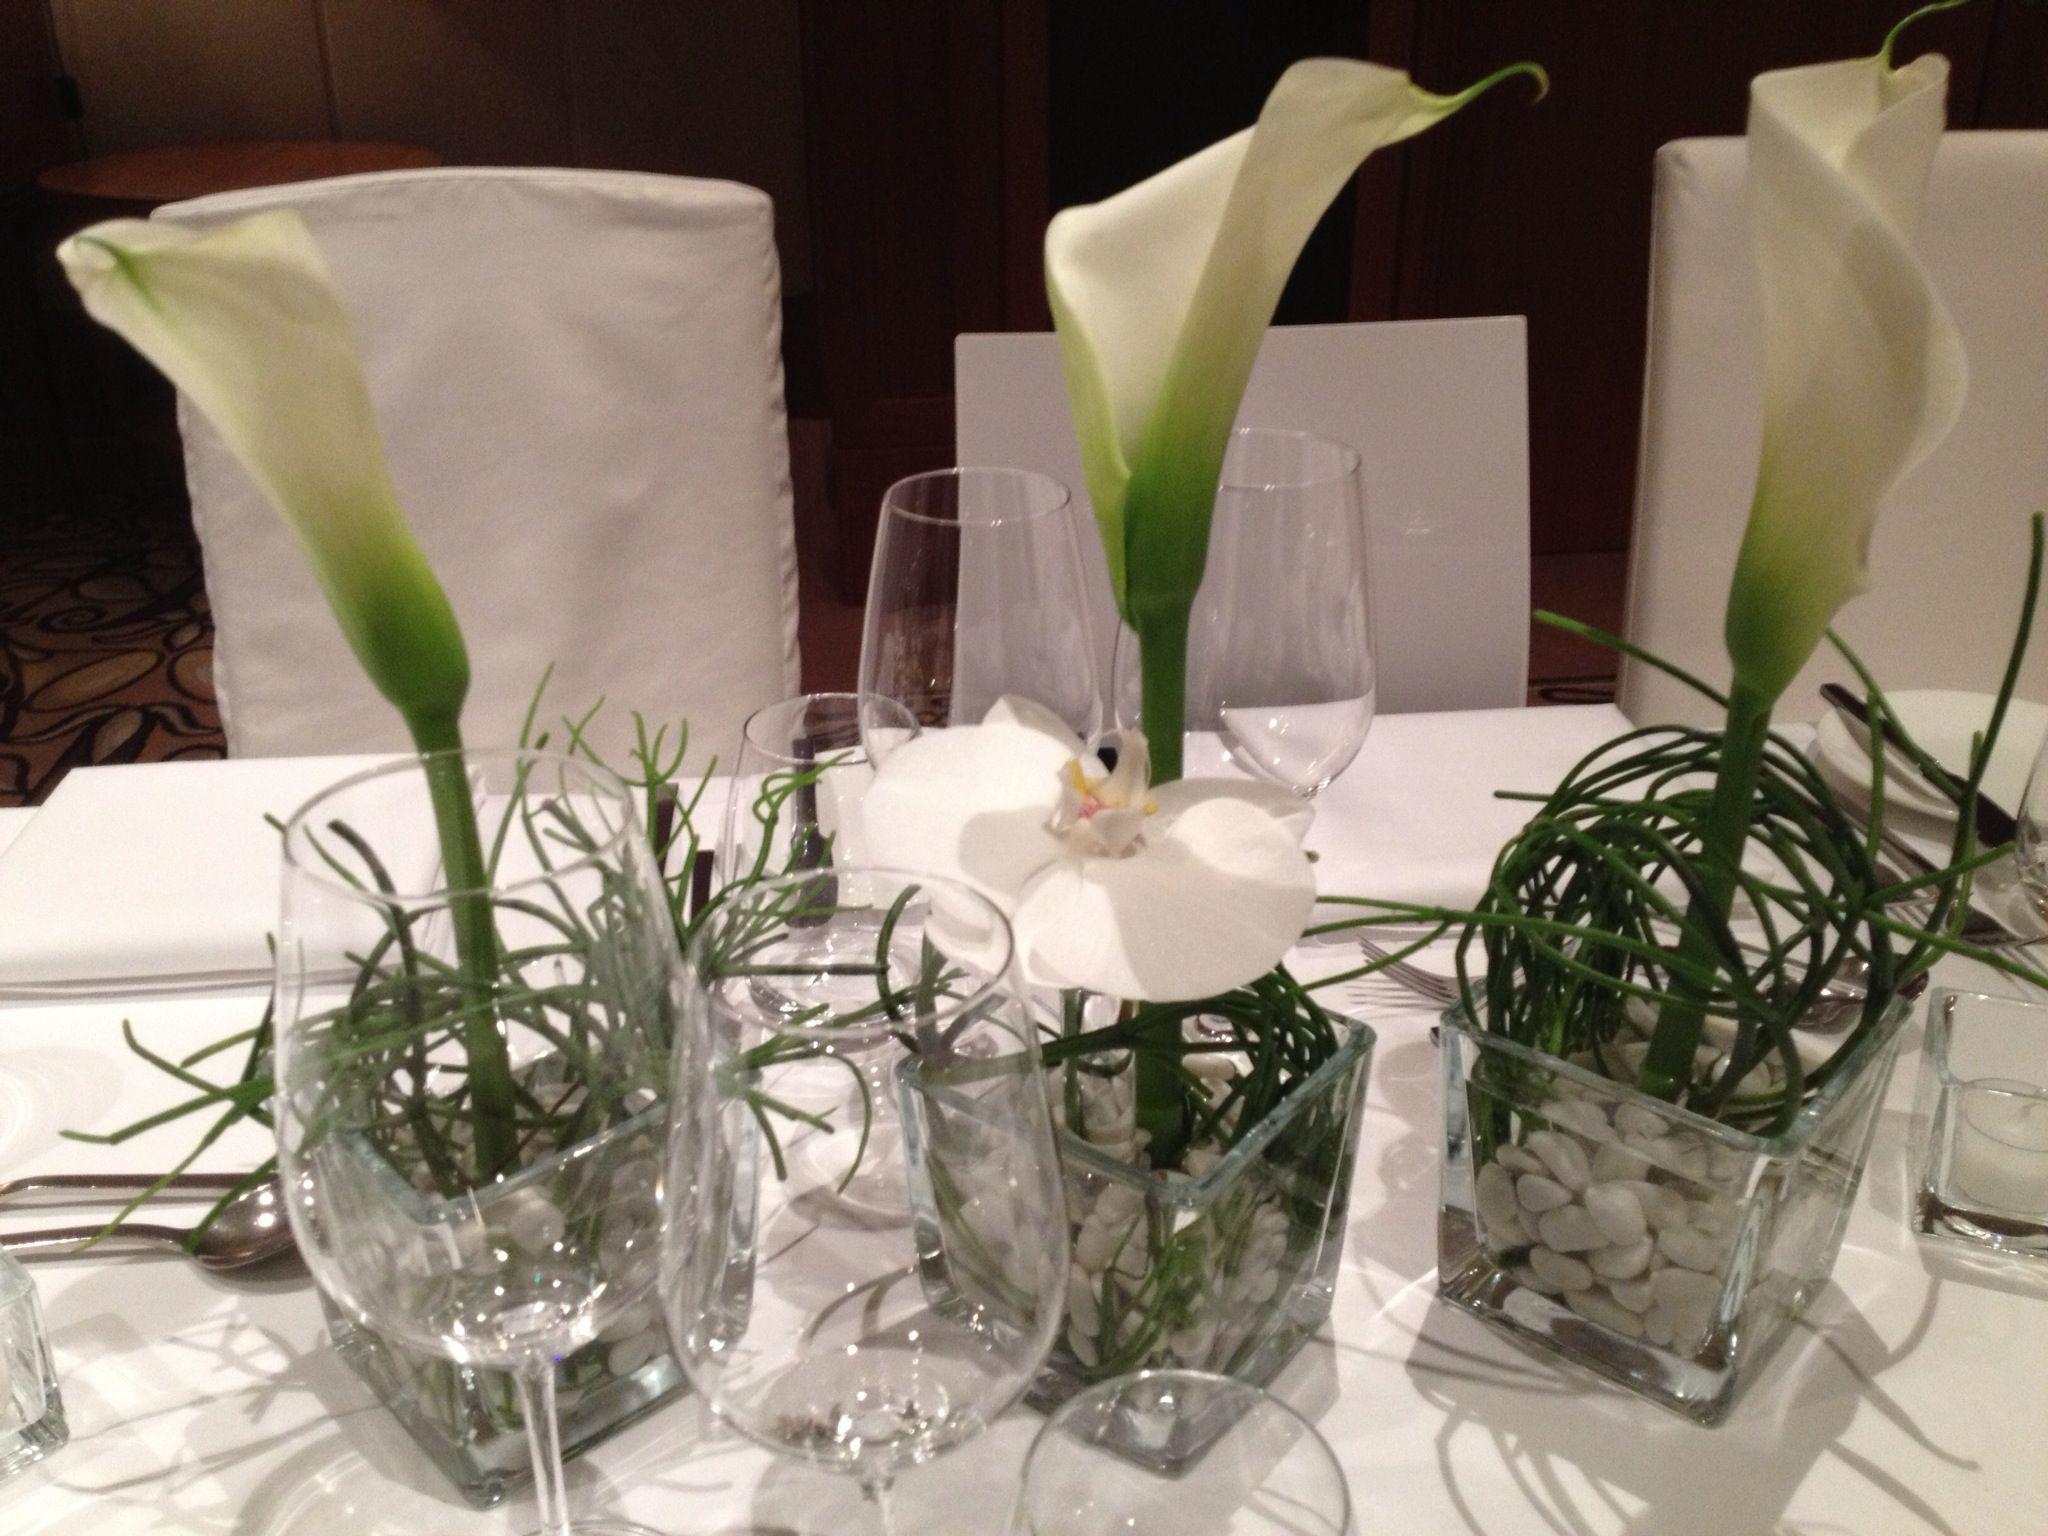 Callas und orchidee tischdekoration blumen und mehr for Tischdekoration hochzeit blumen